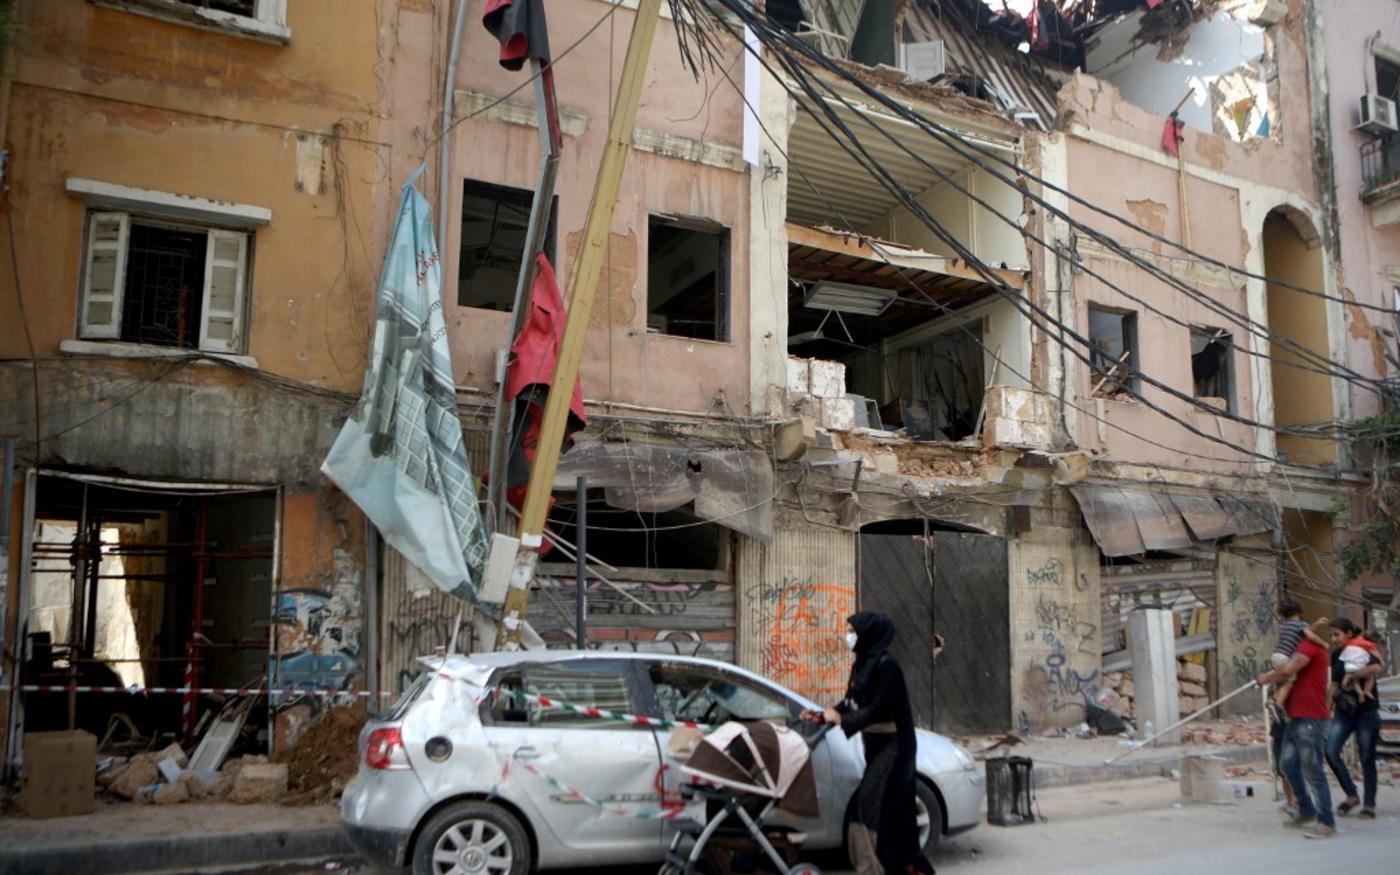 Des réfugiés syriens passent devant des bâtiments endommagés dans le quartier partiellement détruit de Mar Mikhael, à Beyrouth, le 13août2020 (AFP)